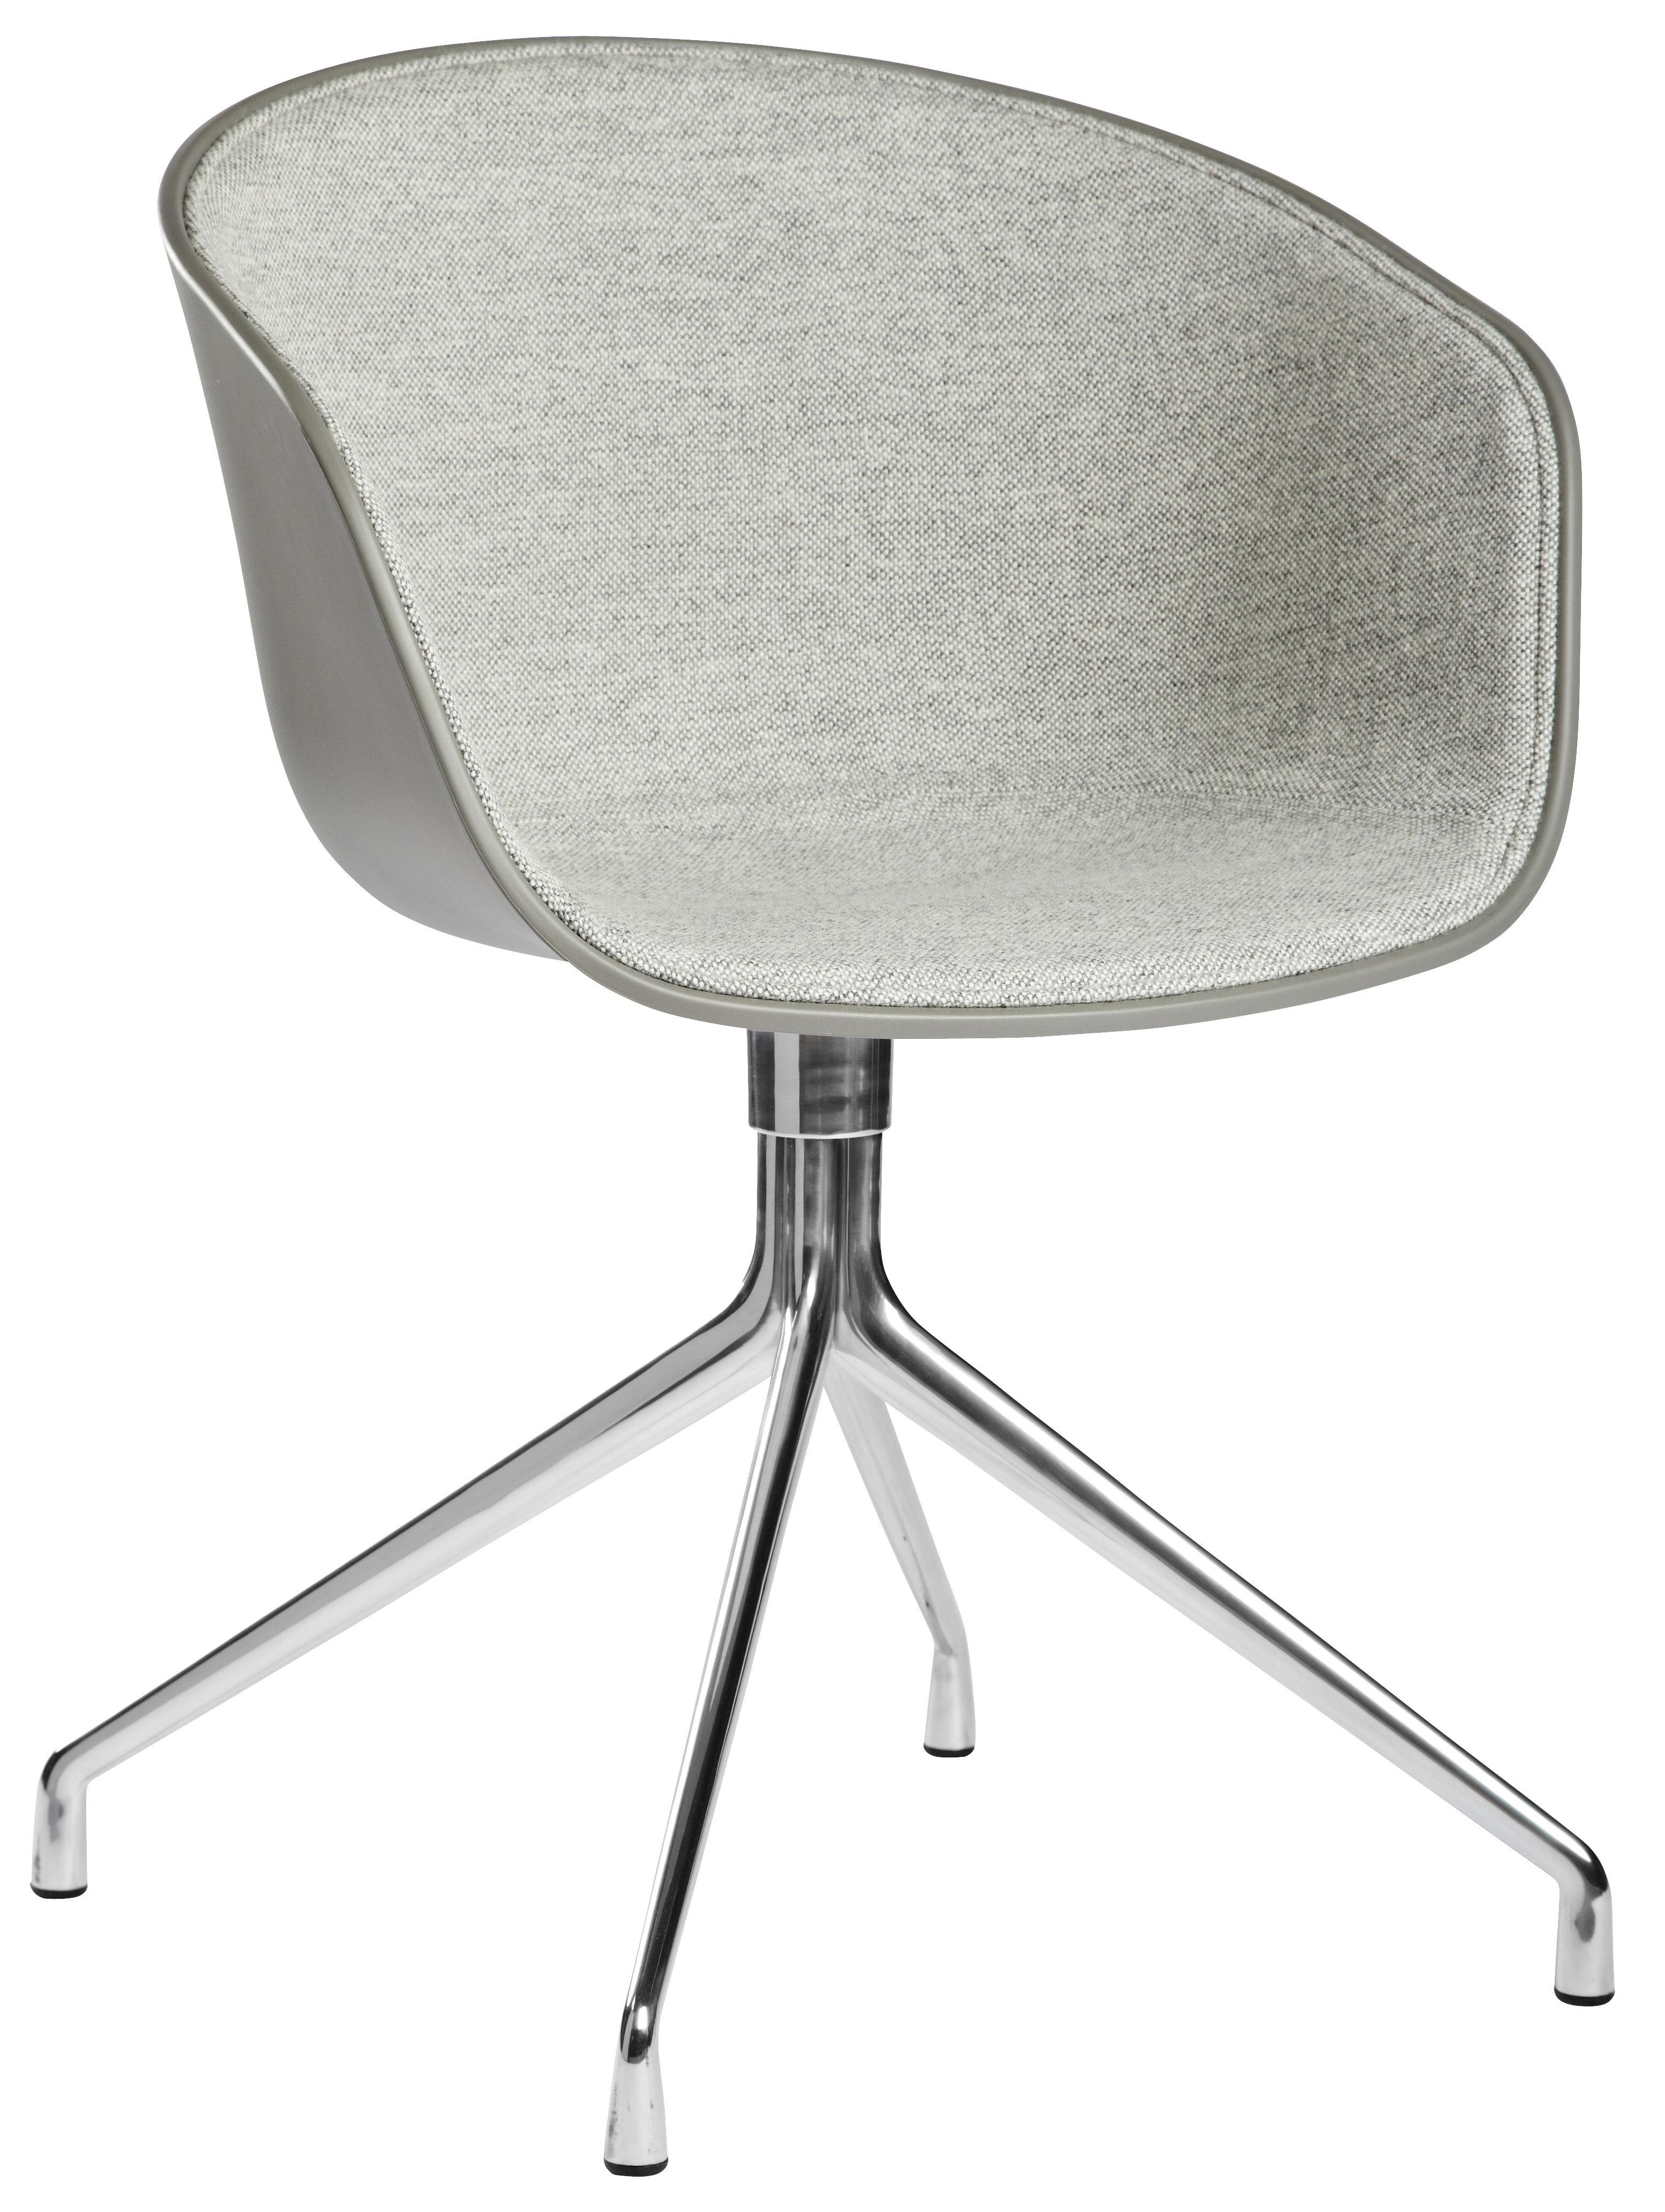 Mobilier - Fauteuils - Fauteuil pivotant About a chair / Rembourré  - Tissu face interne - Hay - Extérieur : Gris / Intérieur : tissu Gris Clair - Aluminium poli, Polypropylène, Tissu